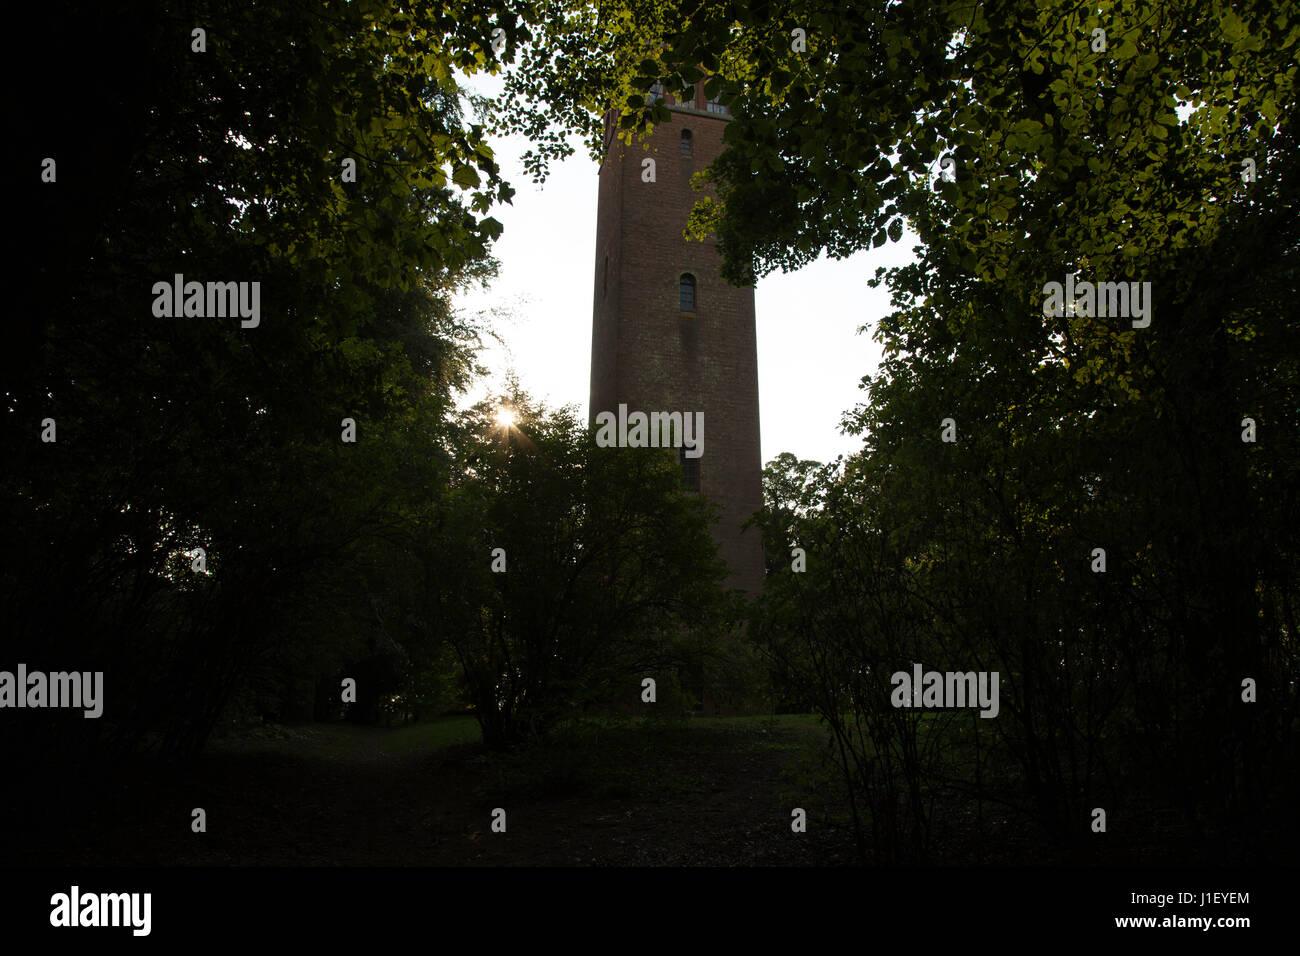 La locura de la torre, enmarcado por árboles, en la locura, Faringdon Hill, Oxfordshrie Imagen De Stock